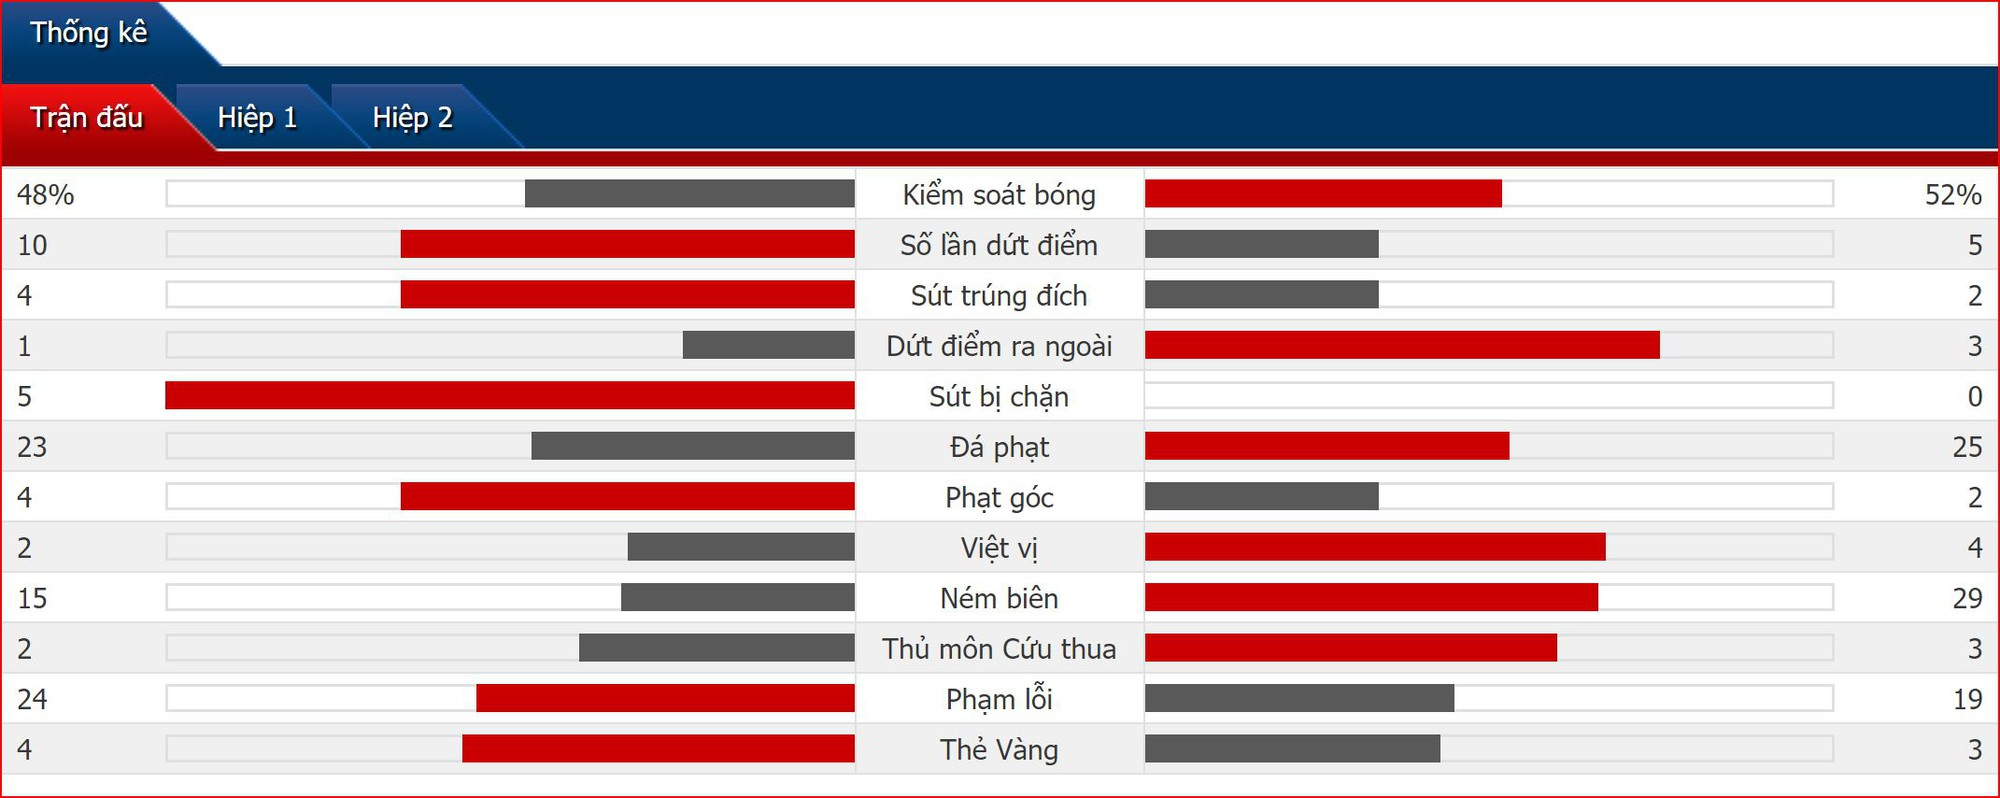 Kết quả bán kết EURO U17: Hậu duệ Van Persie hạ gục truyền nhân Xavi, ĐKVĐ U17 Hà Lan có mặt tại chung kết - Ảnh 2.